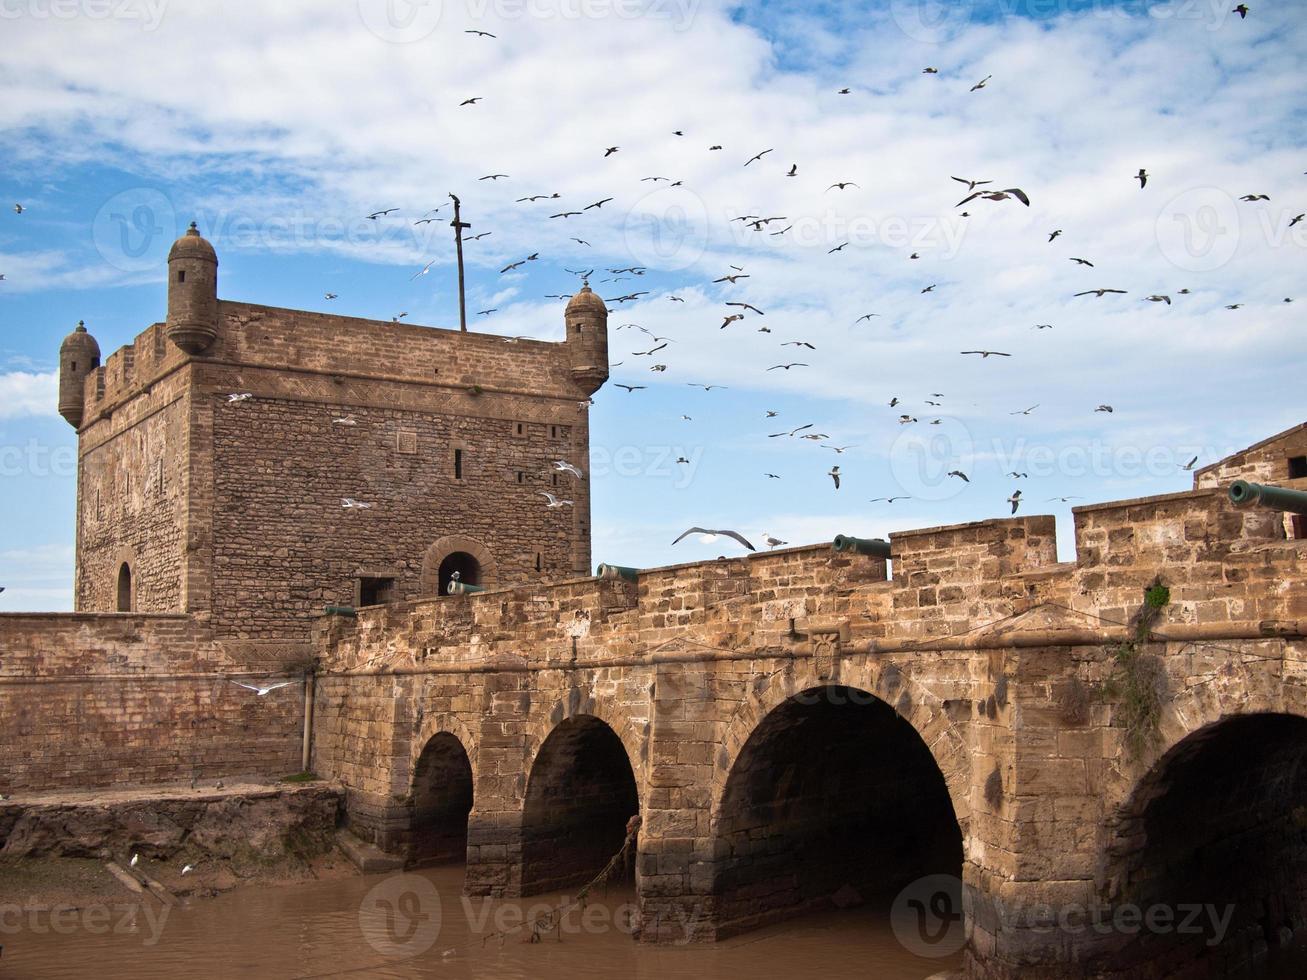 torre della fortezza con un ponte foto